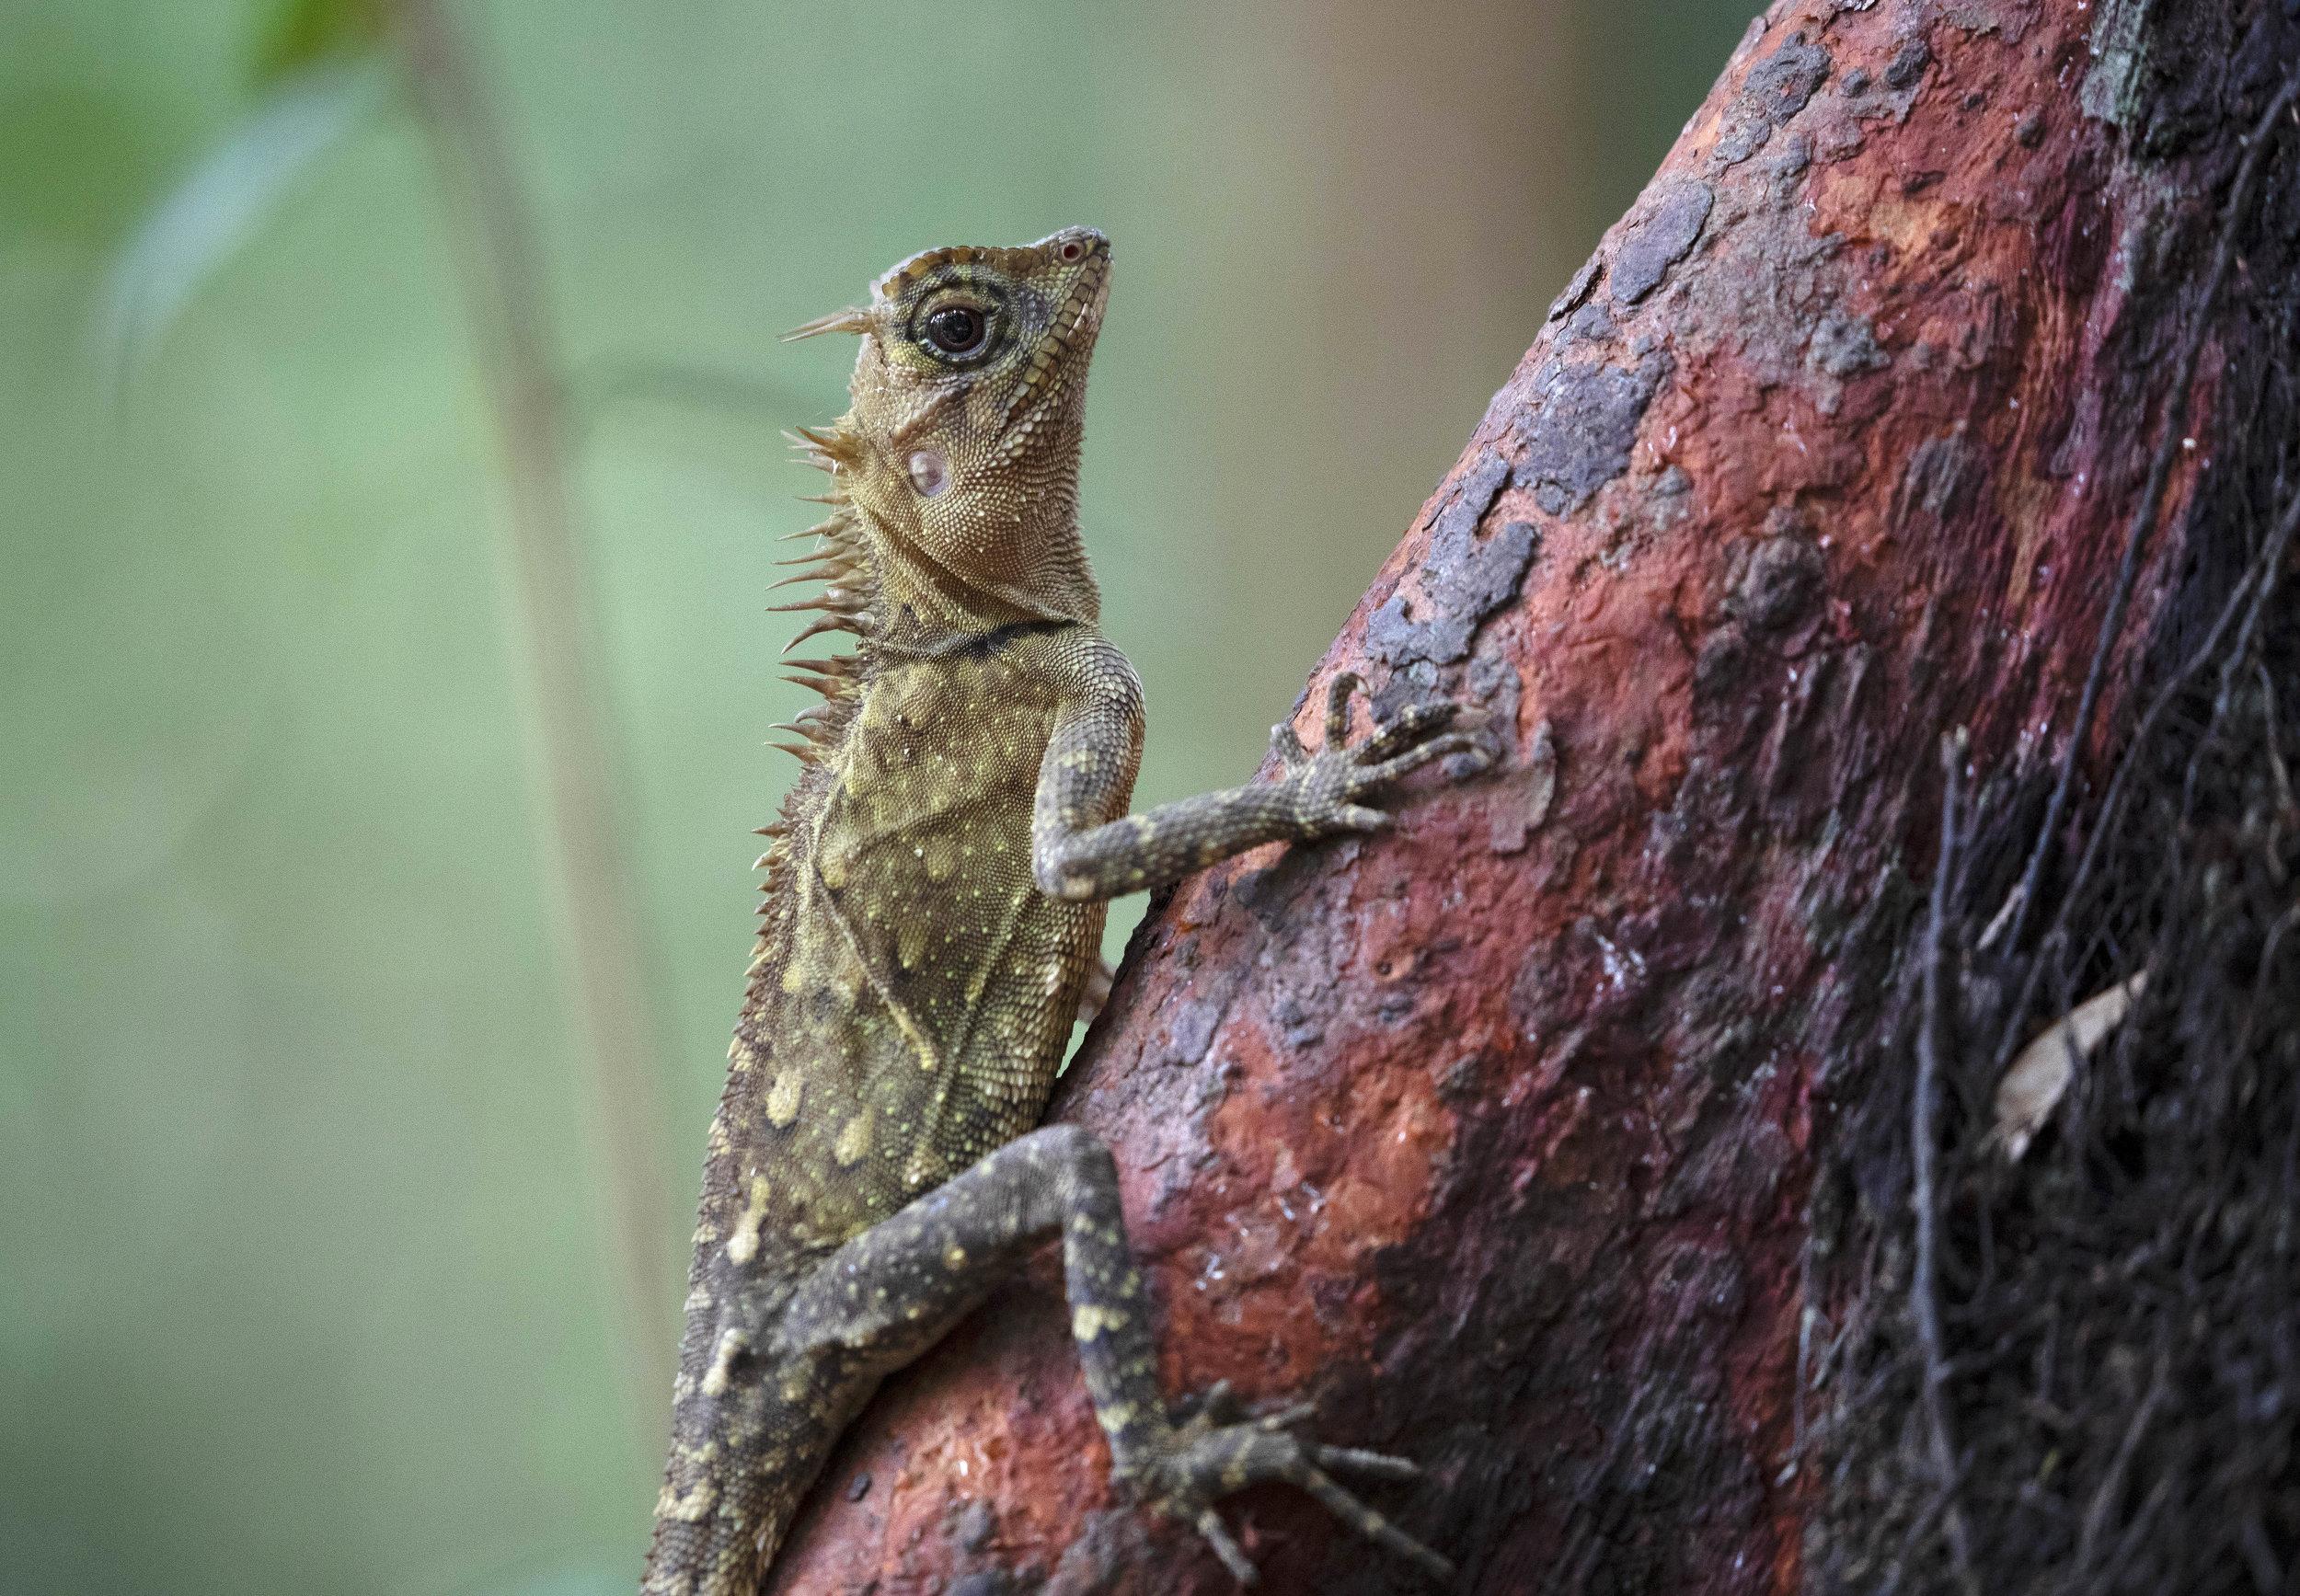 Peninsular Horned Tree Lizard, Penang Malaysia 2019